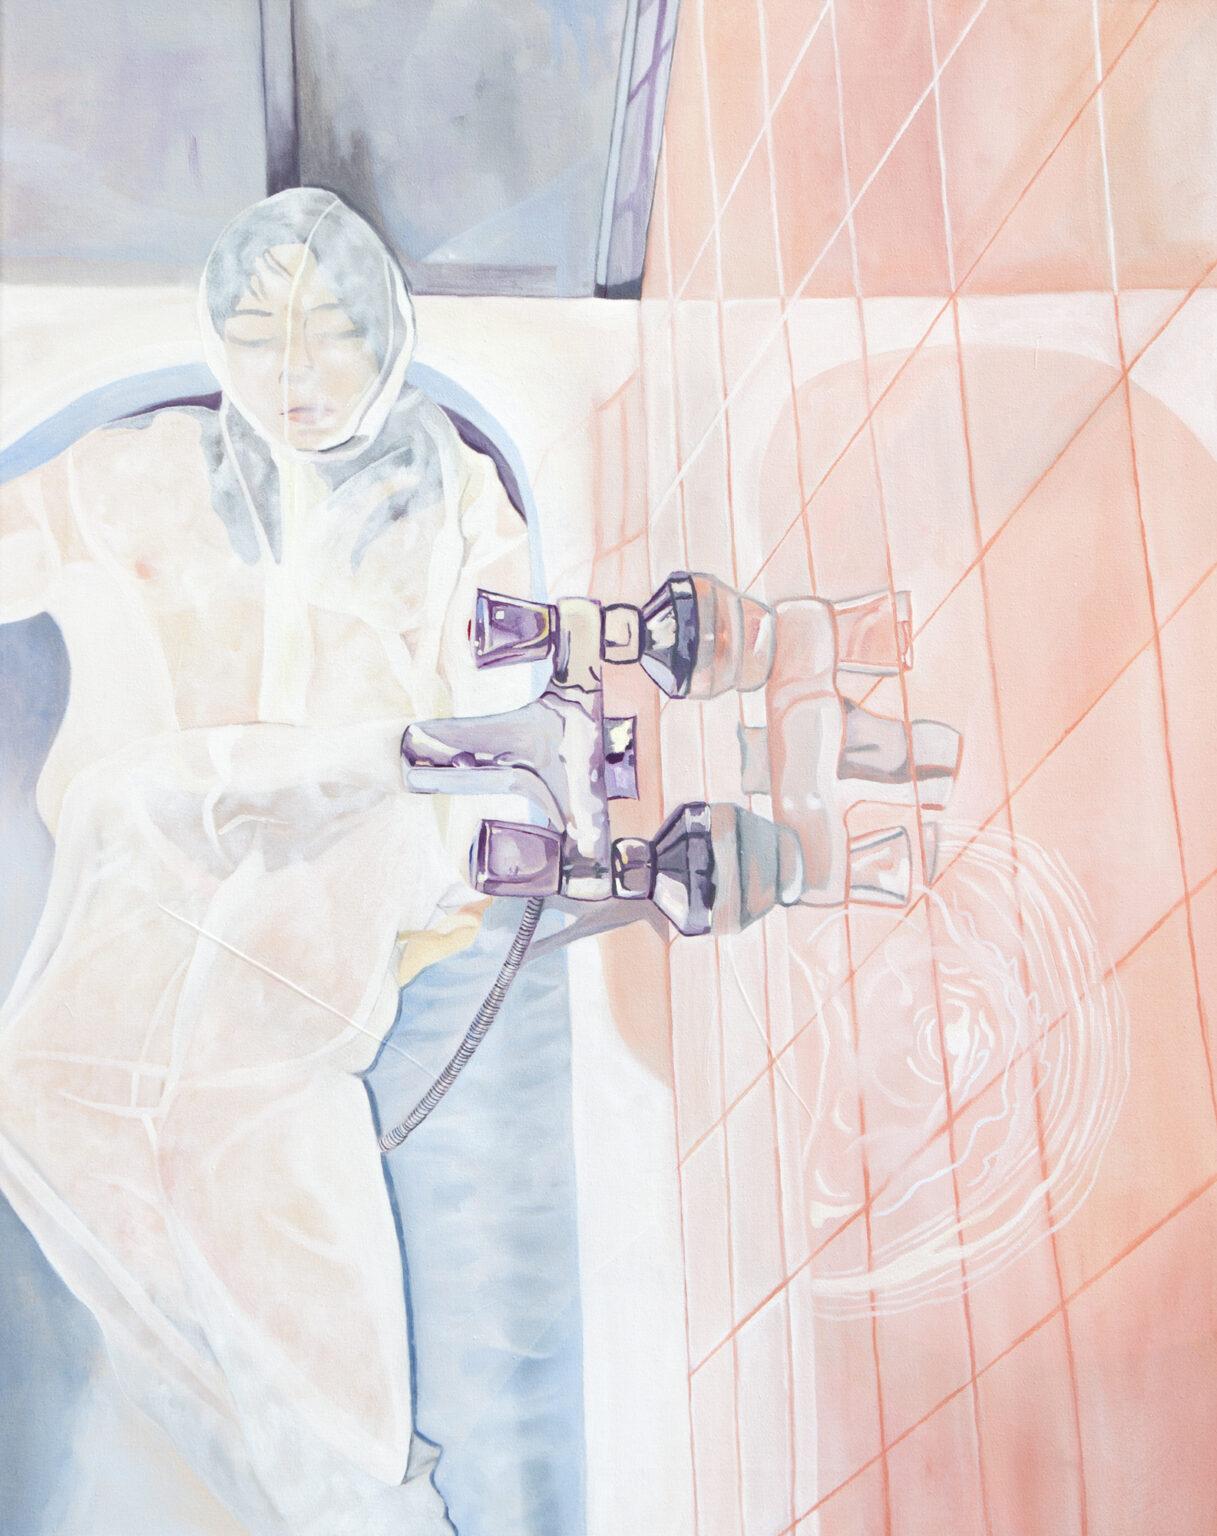 Winterschlaf, Öl auf Leinwand, 55x70, 2020